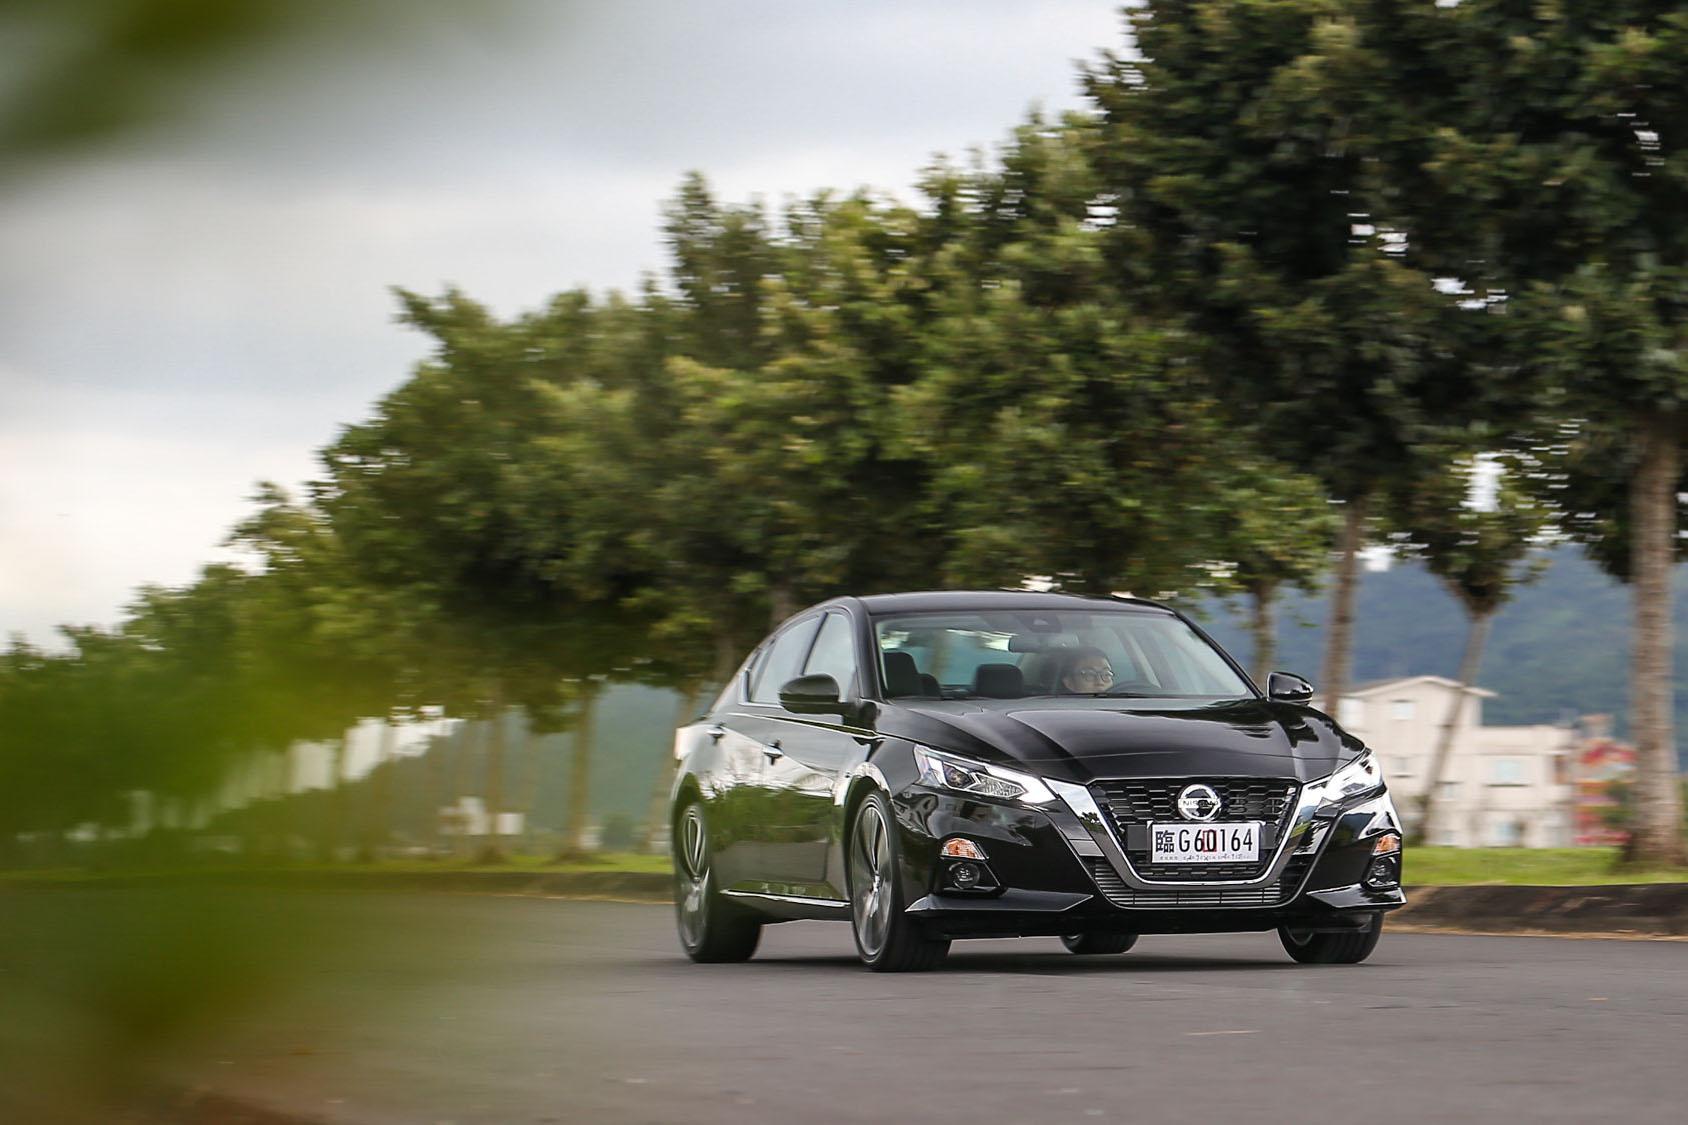 全新 Nissan Altima 提供雙車型:116.9 萬的「豪華菁英版」及 128.9 萬的「卓越旗艦版」。